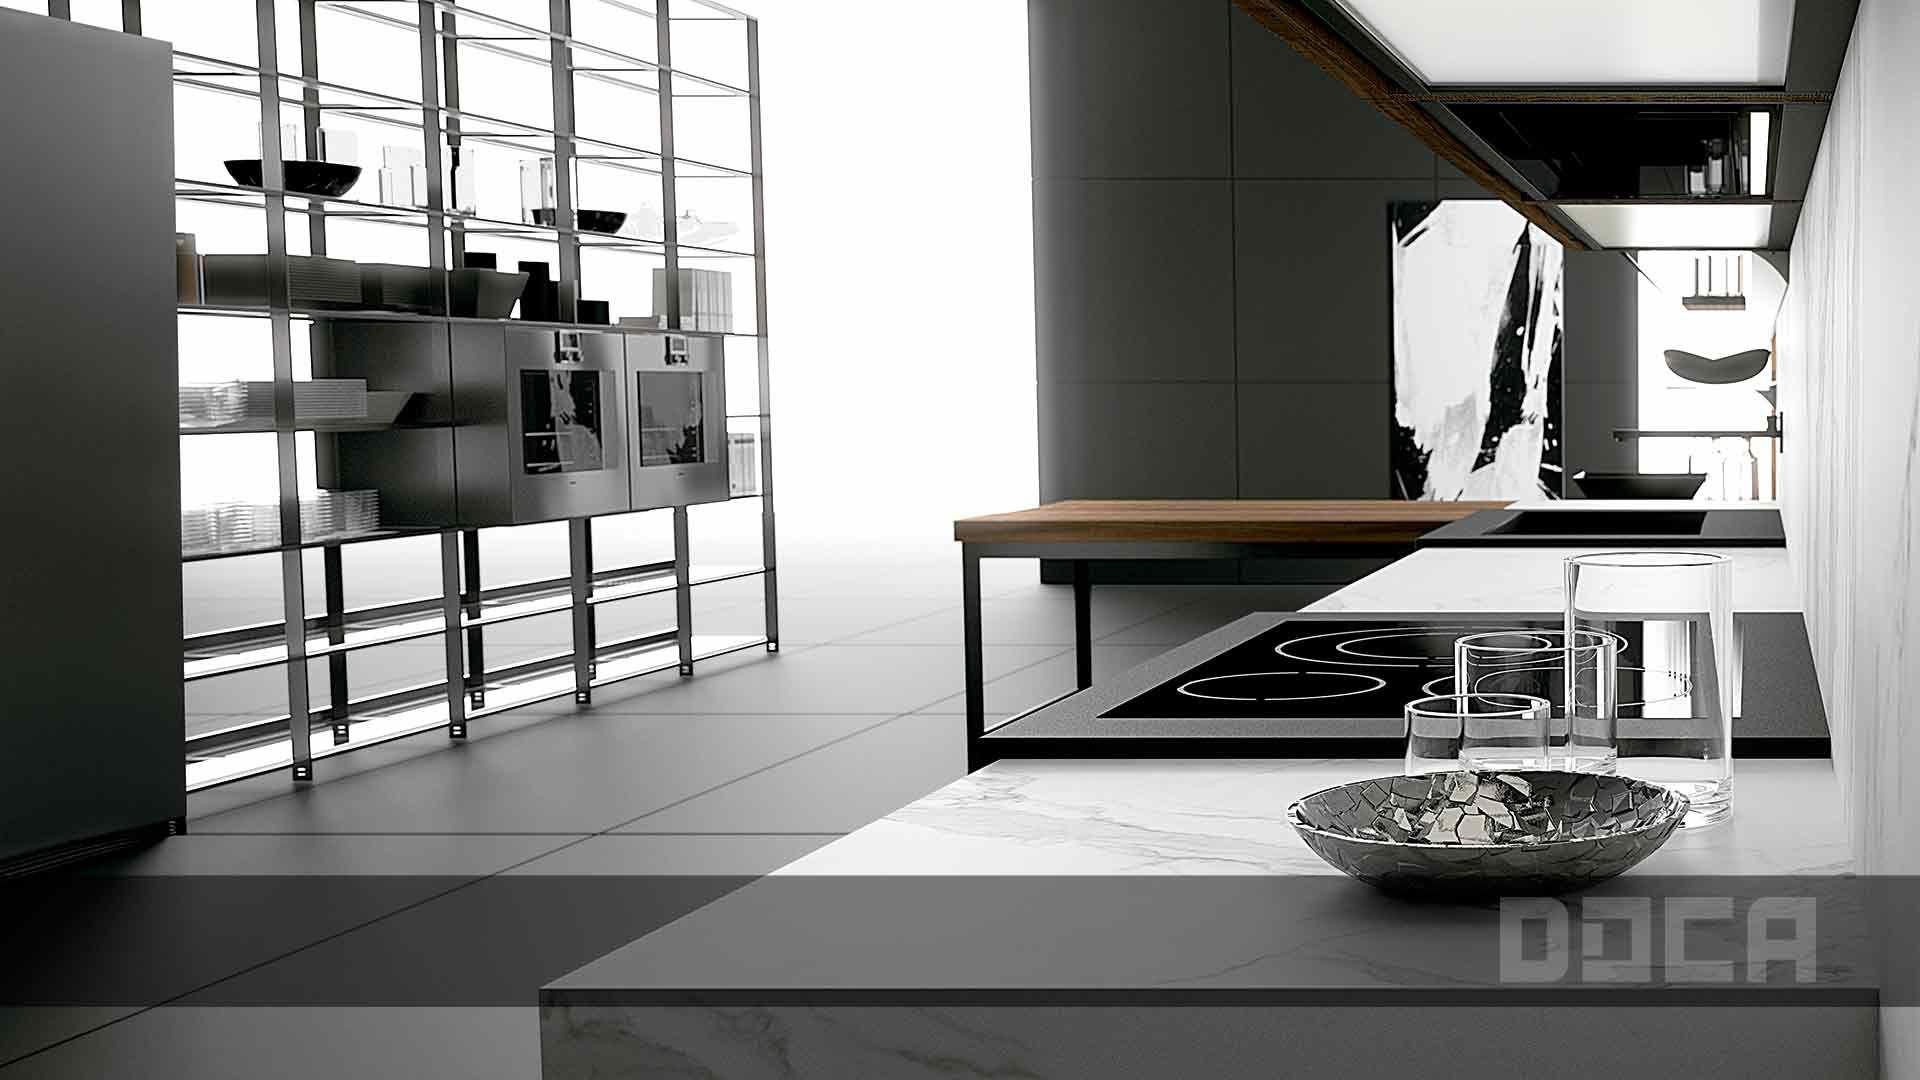 cucina componibile sr nogal 5n luxury stone artemis by doca